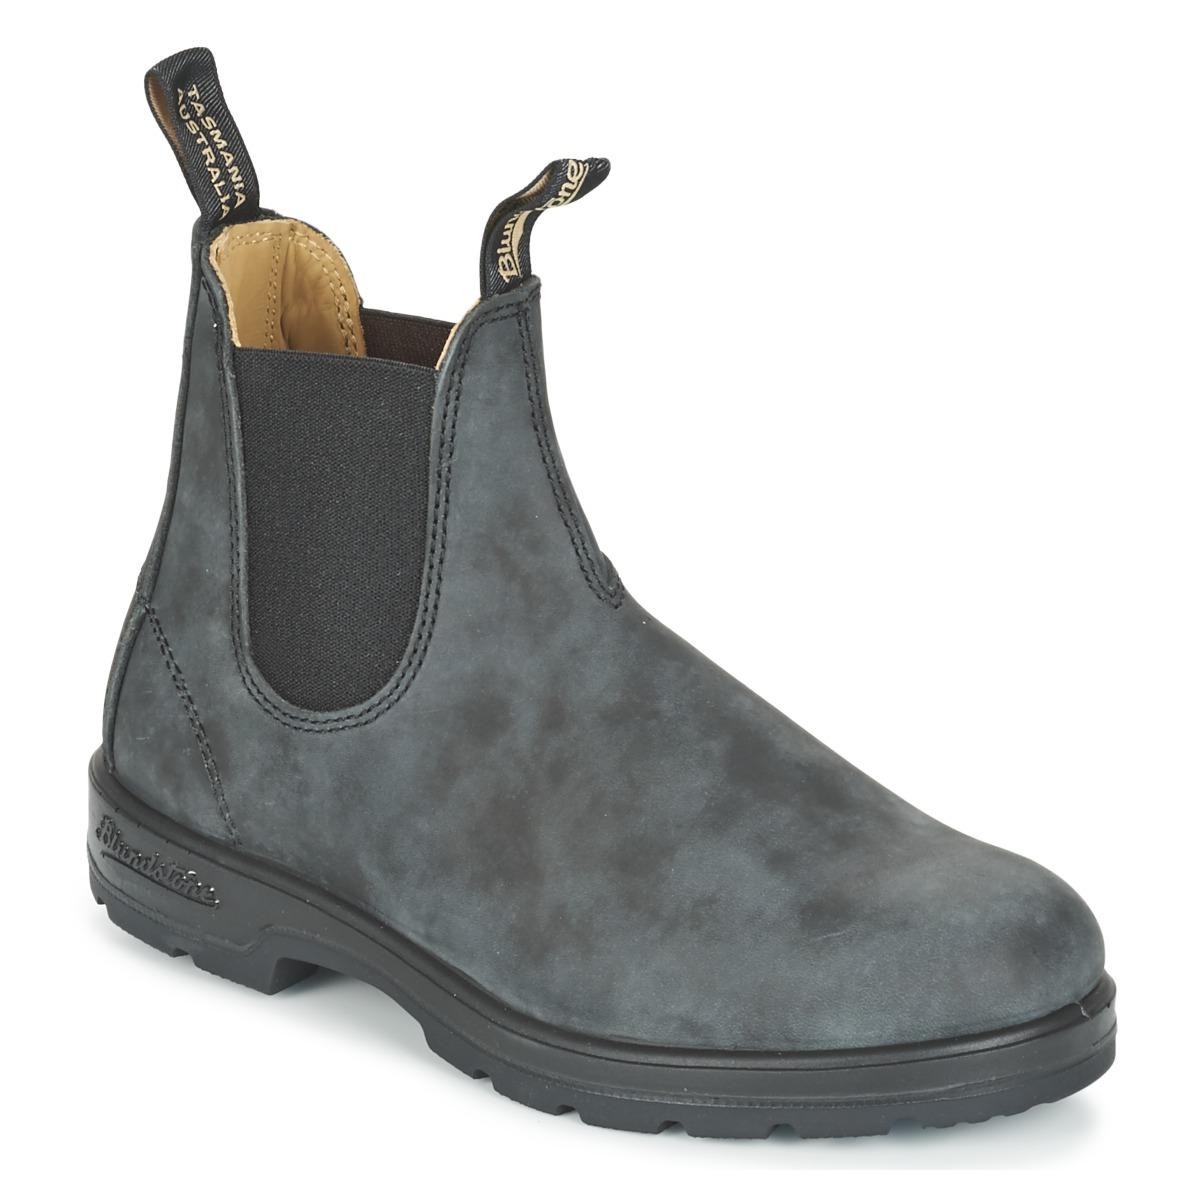 Blundstone COMFORT BOOT Grau - Kostenloser Versand bei Spartoode ! - Schuhe Boots  175,00 €